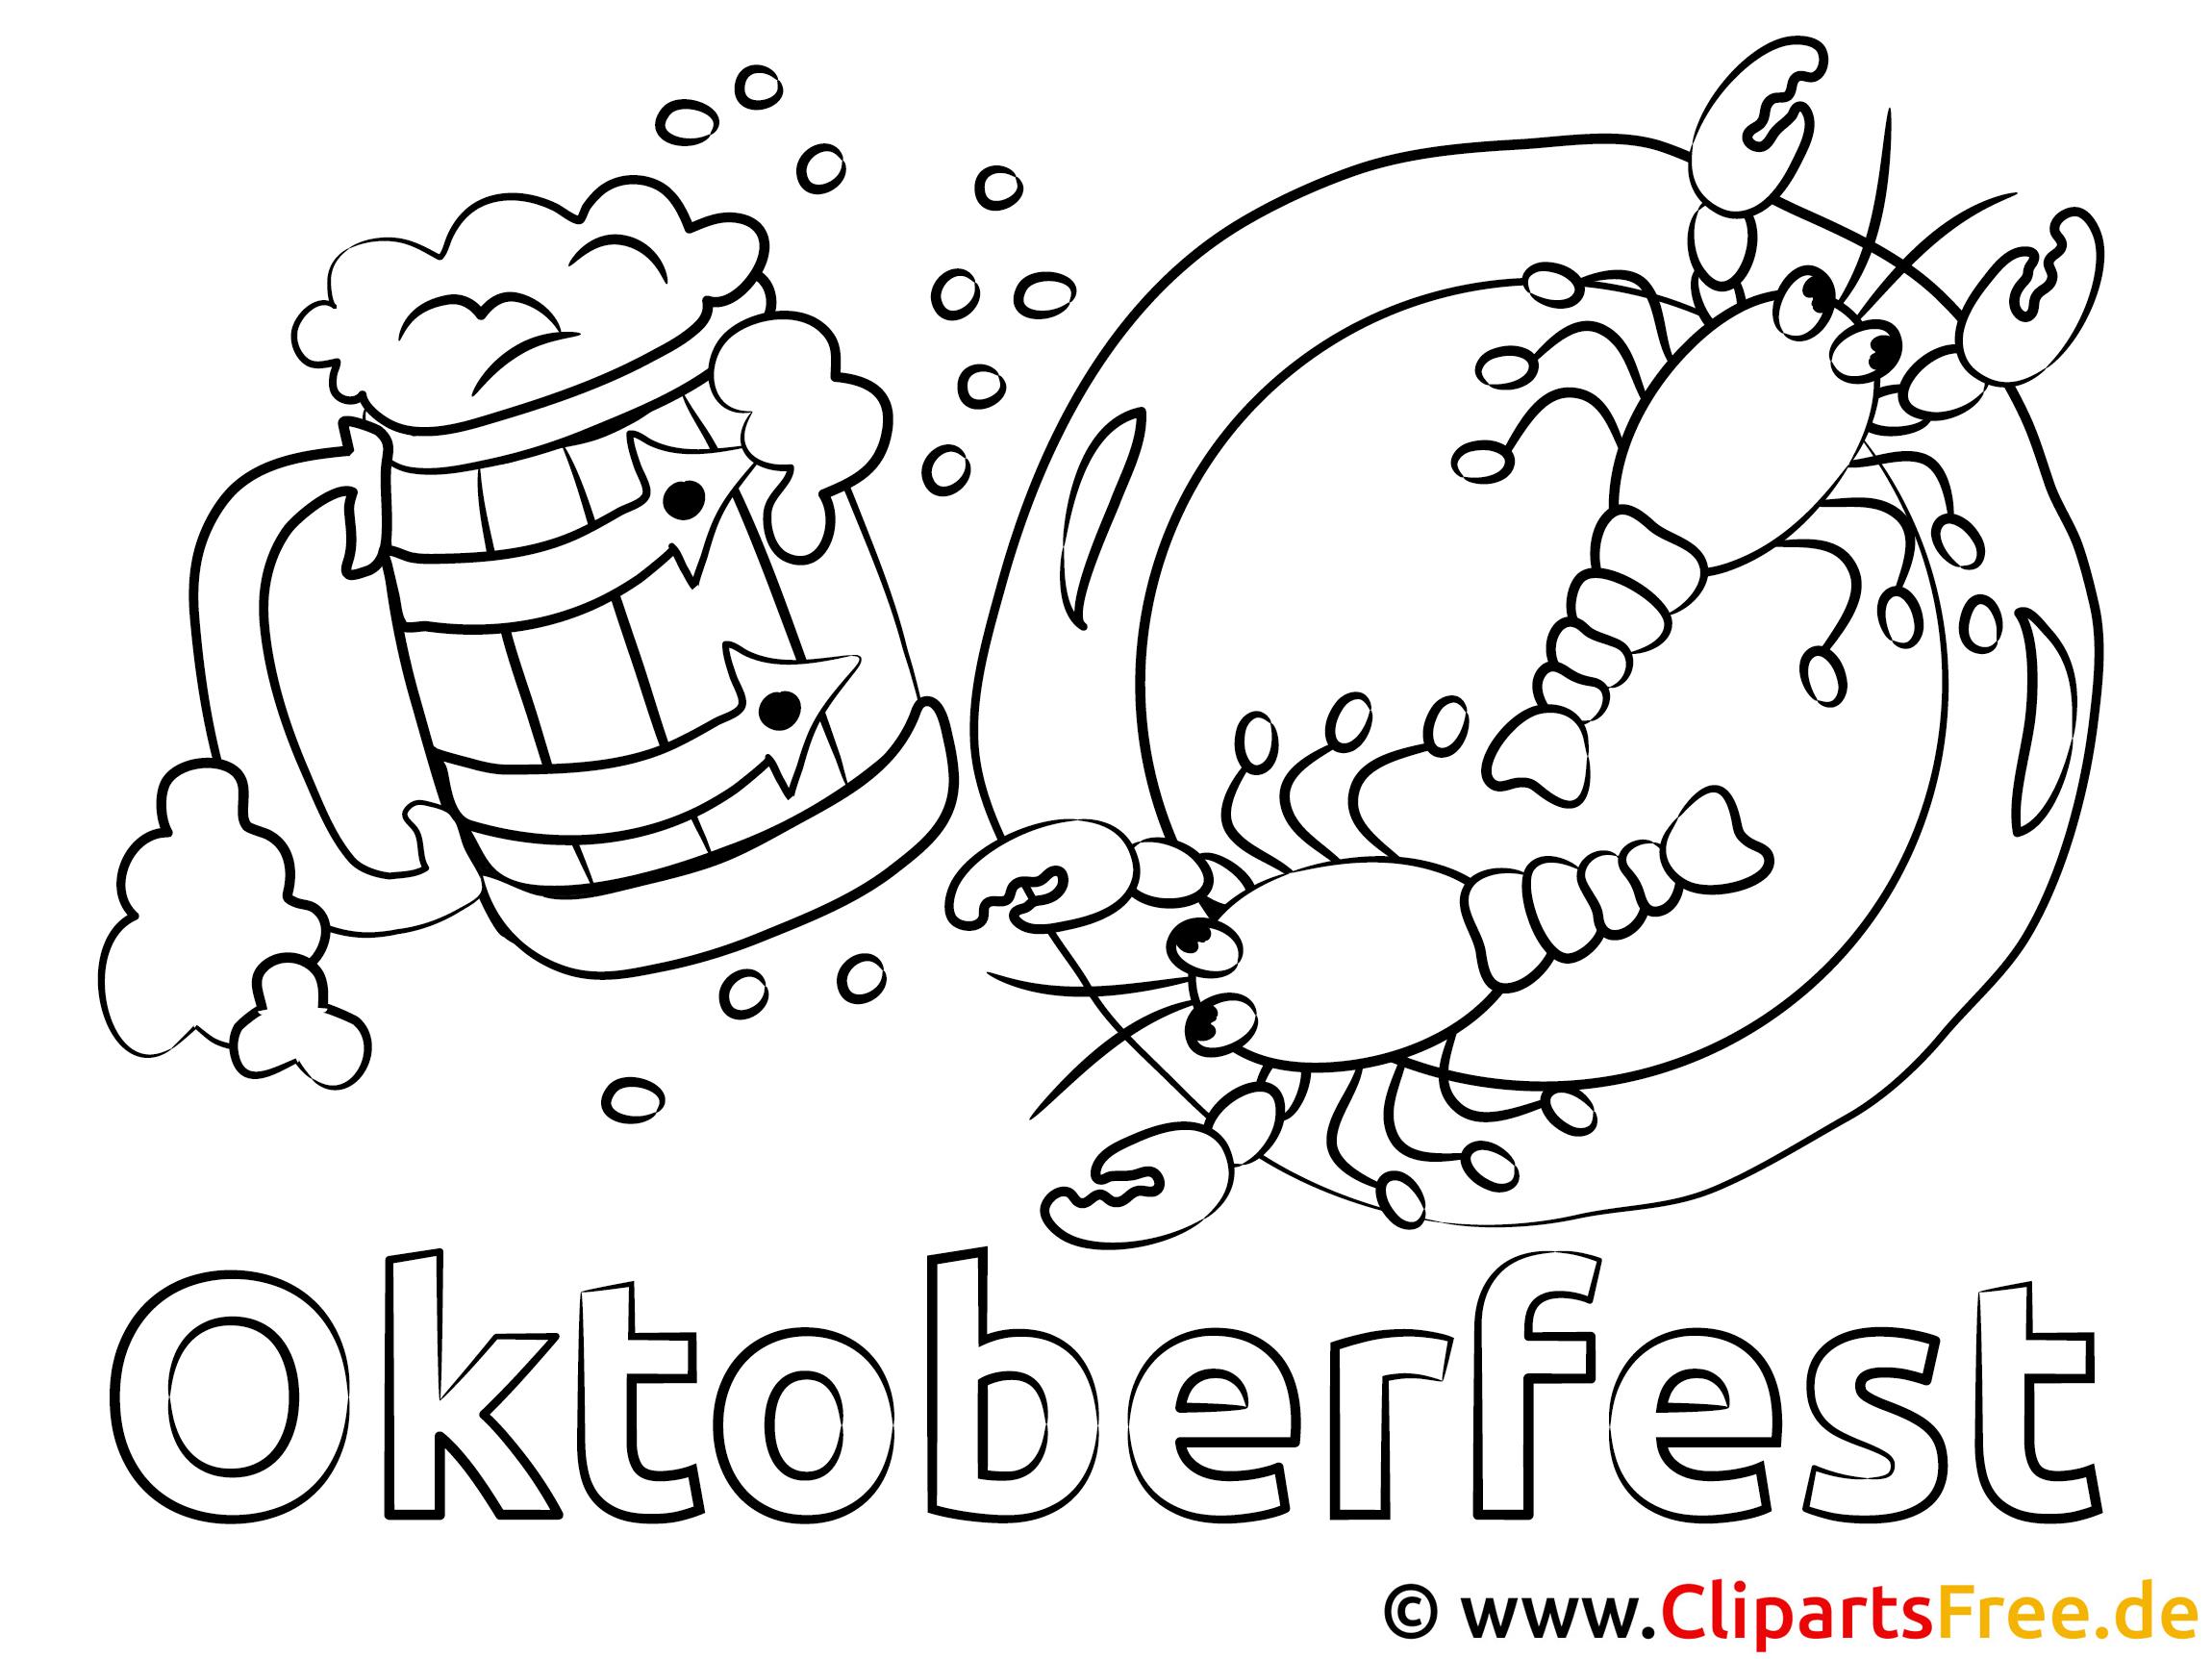 oktoberfest ausmalbilder vorlagen zum ausmalen